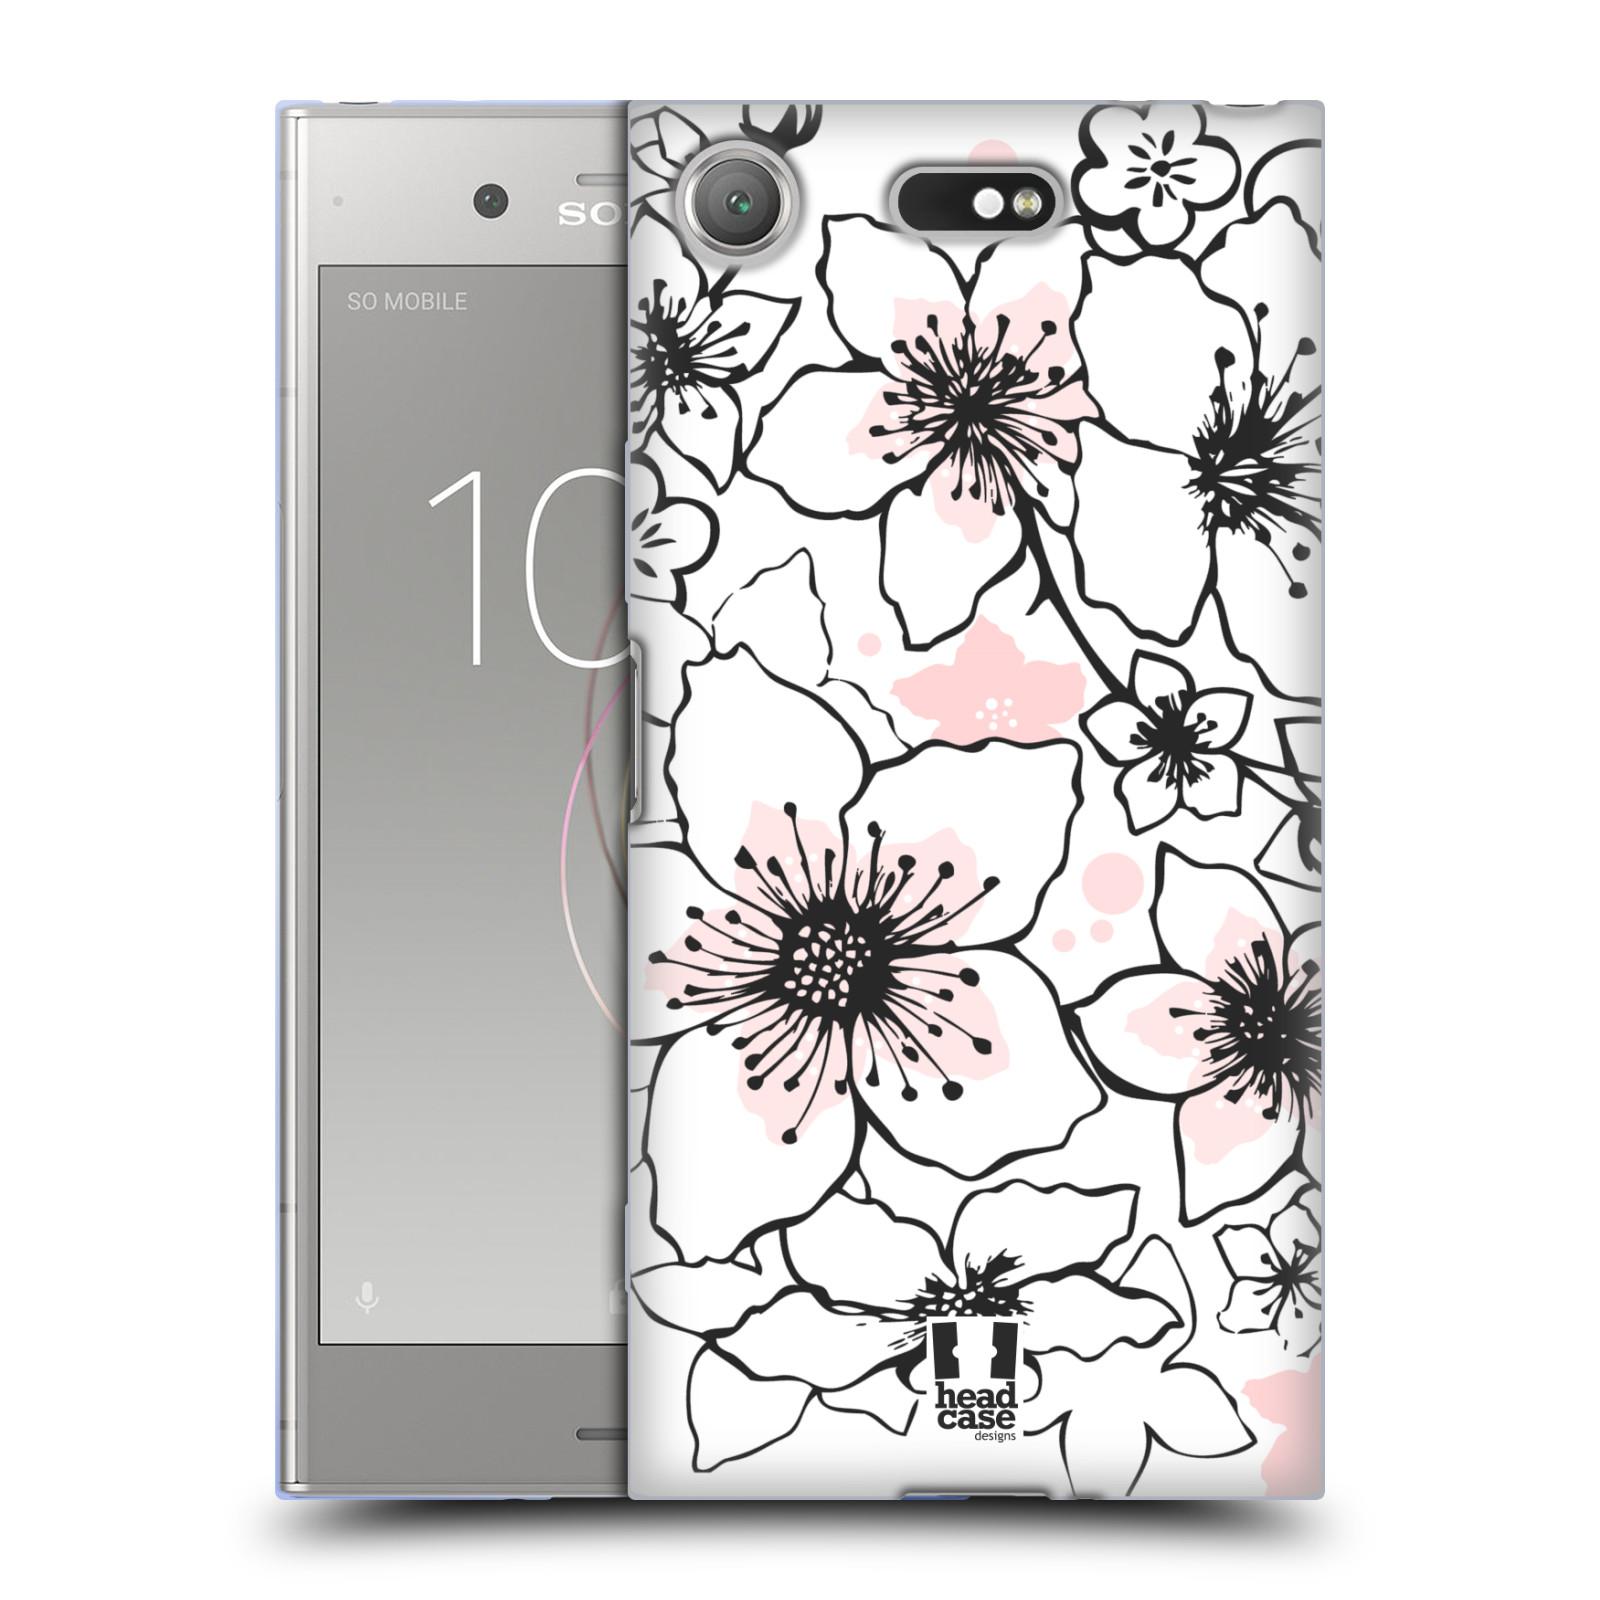 Silikonové pouzdro na mobil Sony Xperia XZ1 Compact - Head Case - BLOSSOMS SPRINGTIME